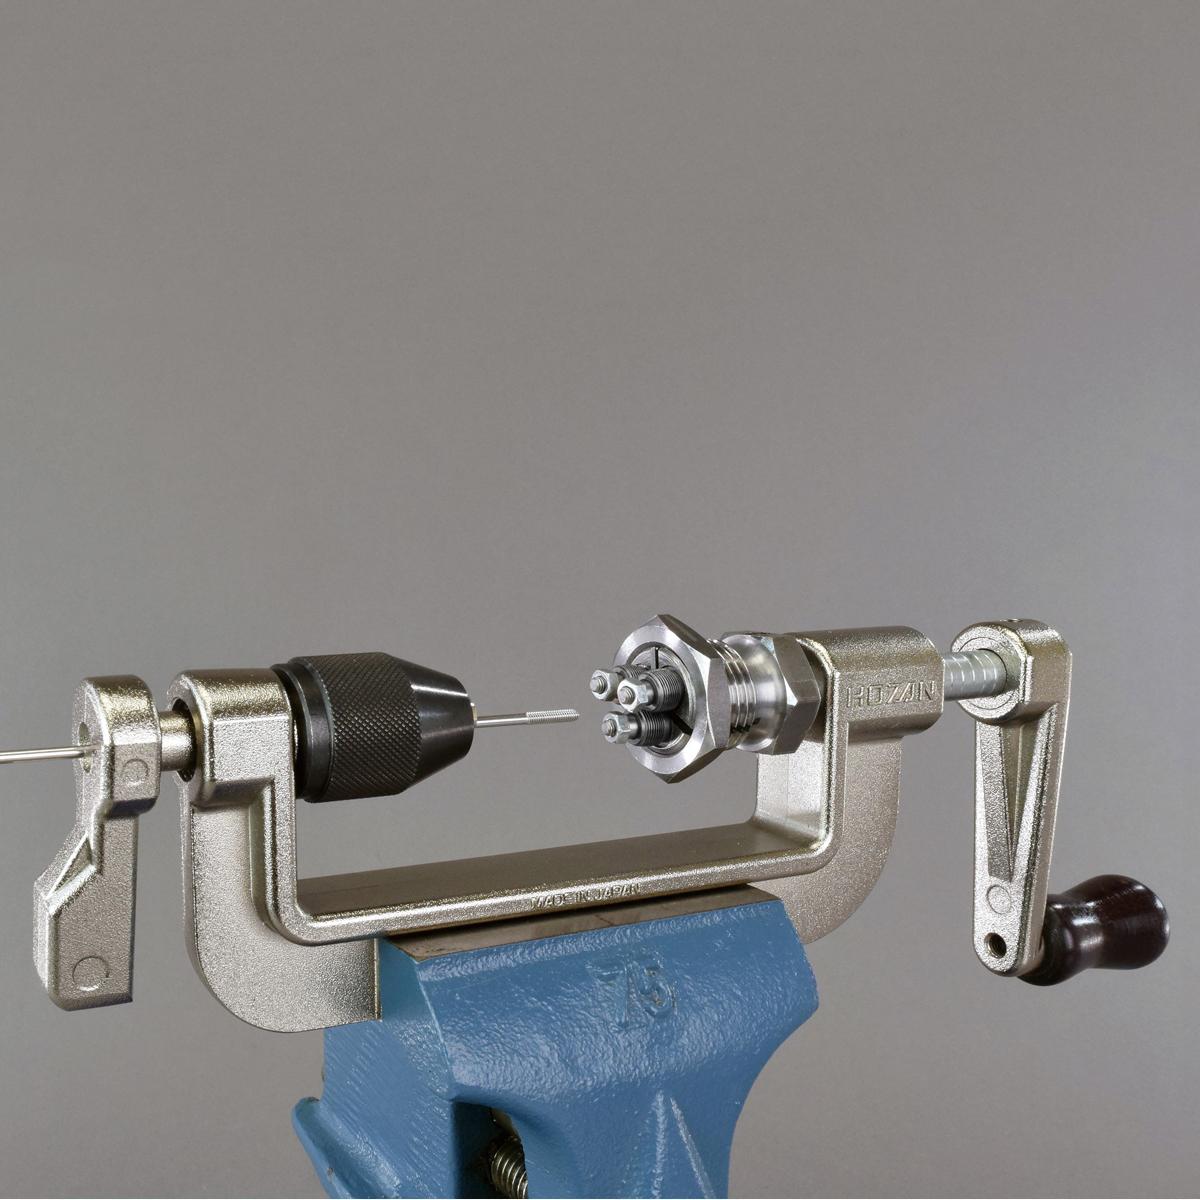 hozan spaakdraadmachine c702 voor bankschroefklem met draadsnijkop 13gbc23 zilver